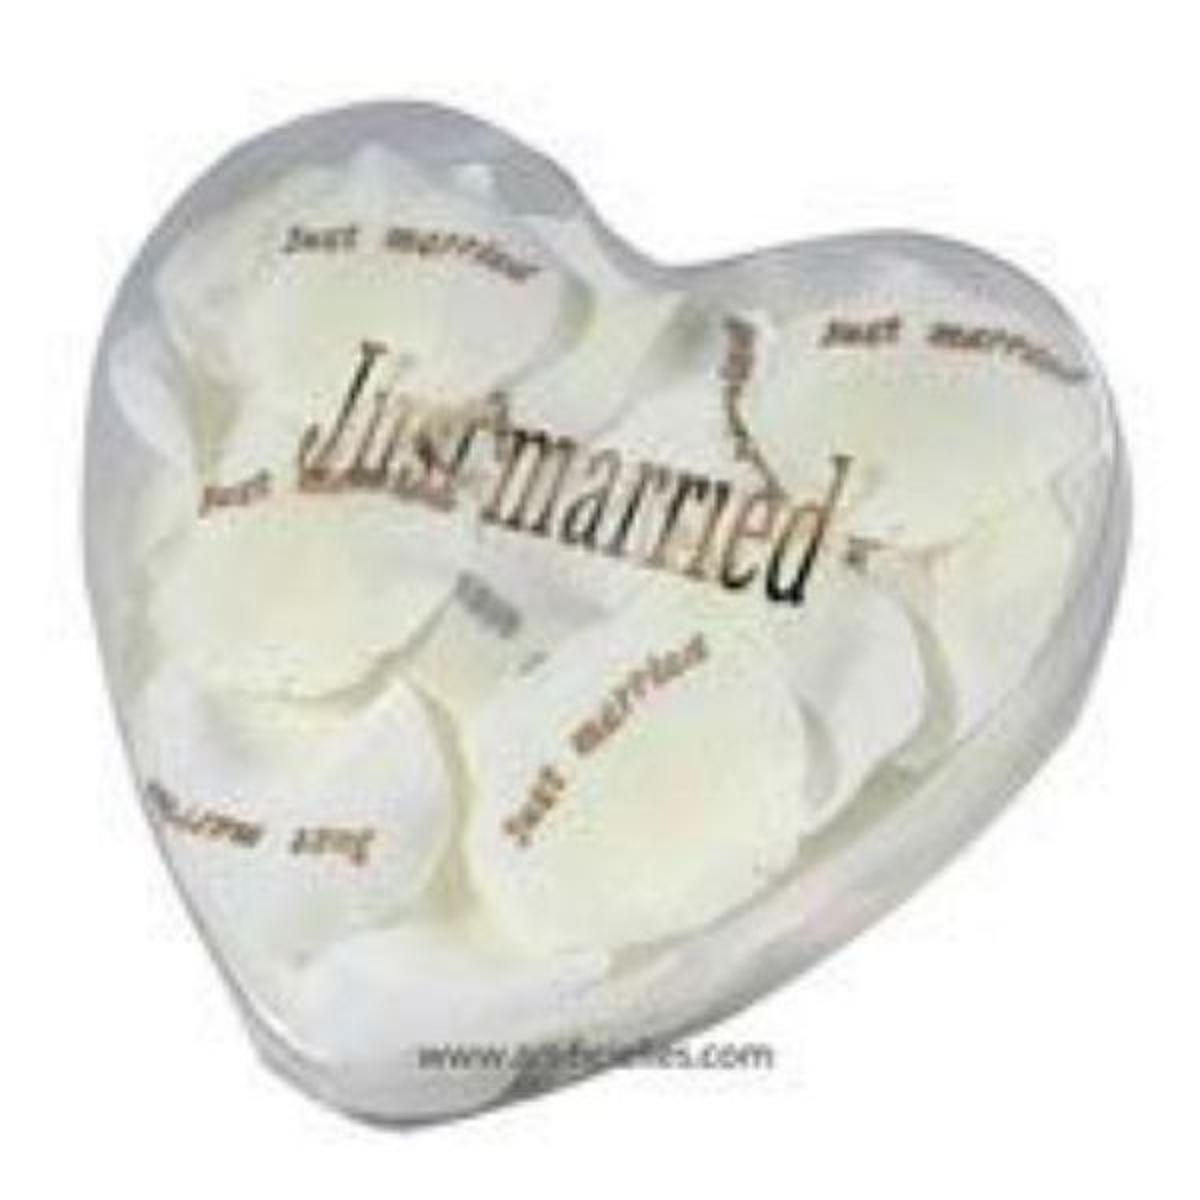 Petales de rose X60 Blanc neige artificiels JUST MARRIED en boite coeur